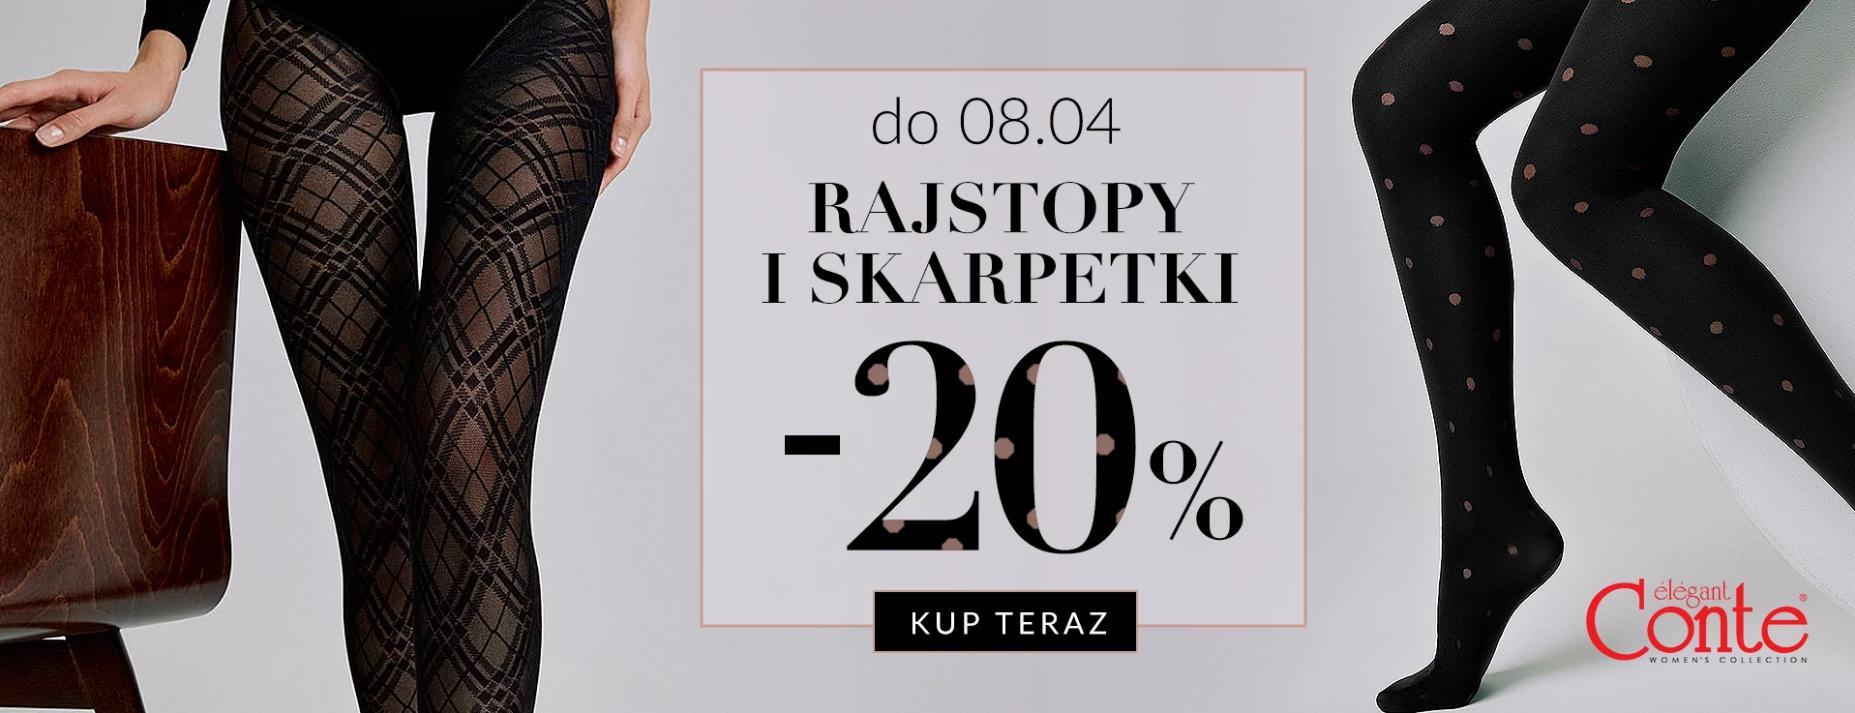 Quiosque: 20% zniżki na rajstopy i skarpetki marki Conte